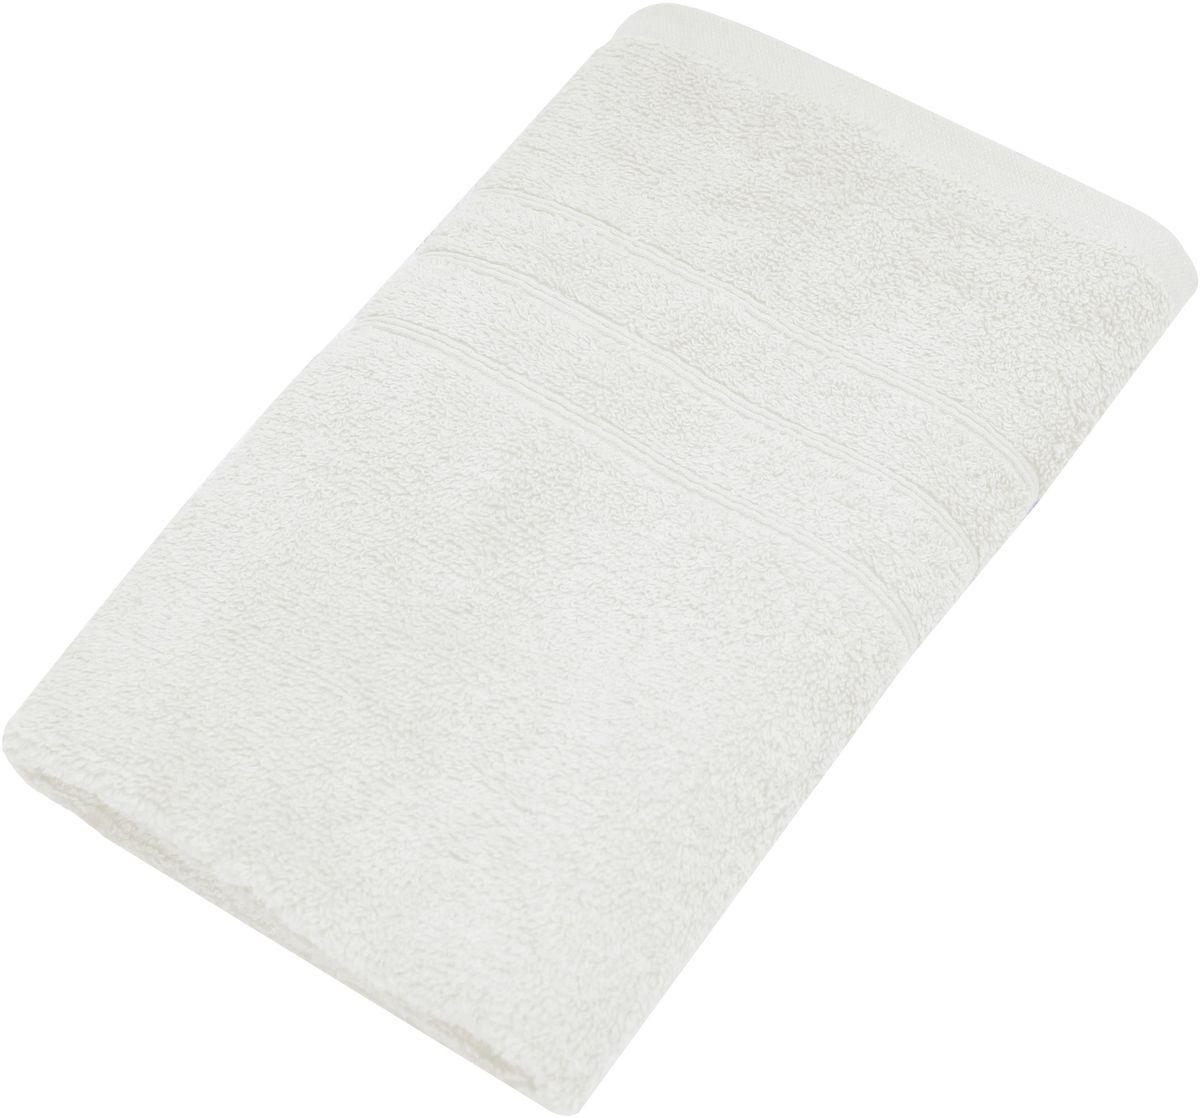 Полотенце Proffi Home Модерн, цвет: белый, 50 x 100 см1004900000360Мягкое махровое полотенцеProffi Home Модернотлично впитывает влагу и быстро сохнет, приятно в него завернуться после принятия ванны или посещения сауны. Поэтому данное махровое полотенце можно использовать в качестве душевого, банного или пляжного полотенца. Состав: 100% хлопок.